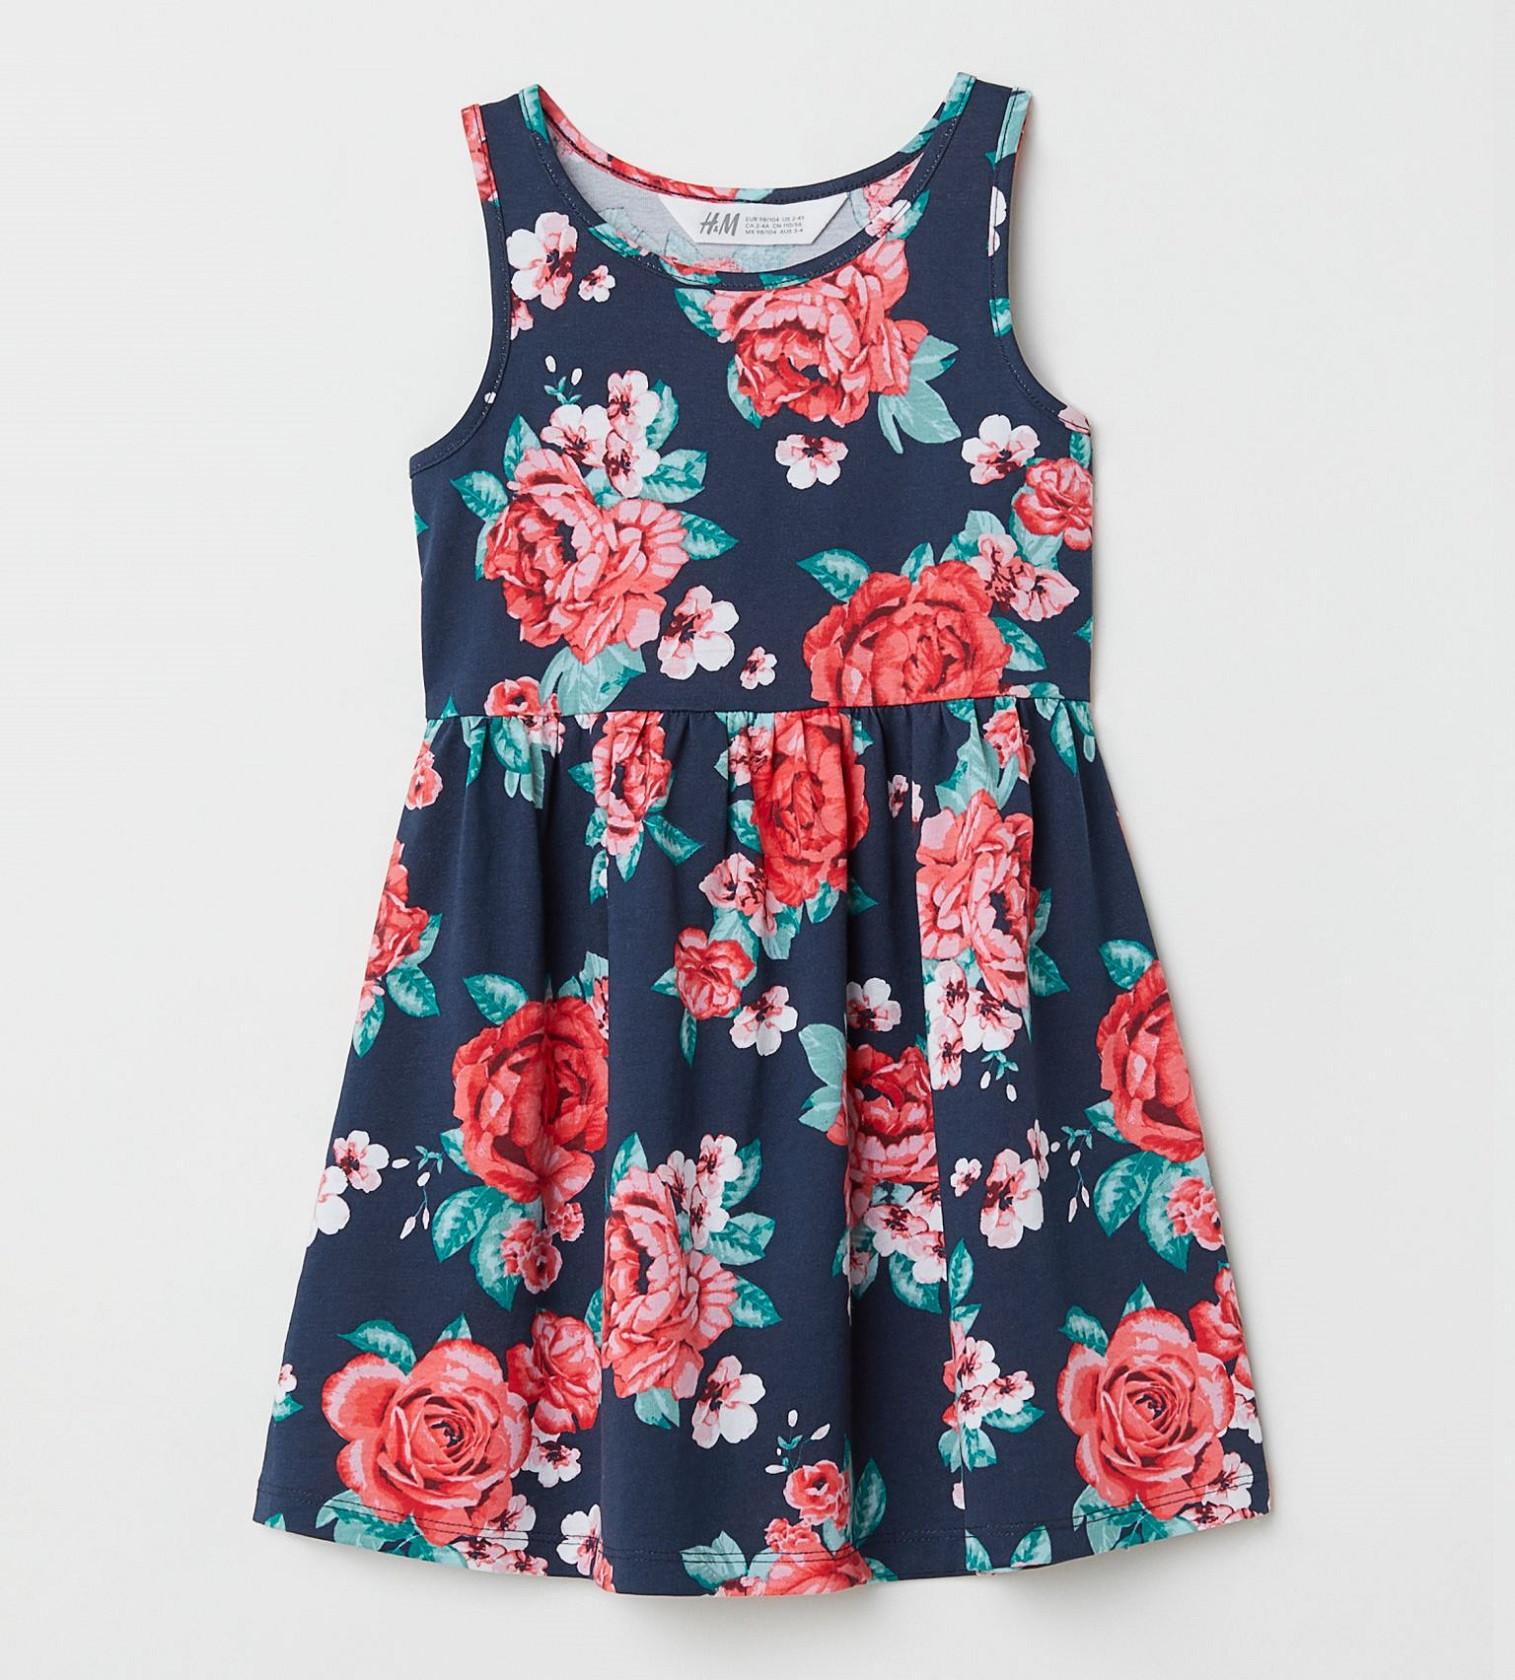 Купити Сарафан H&M Синій / Квіти - фото 1